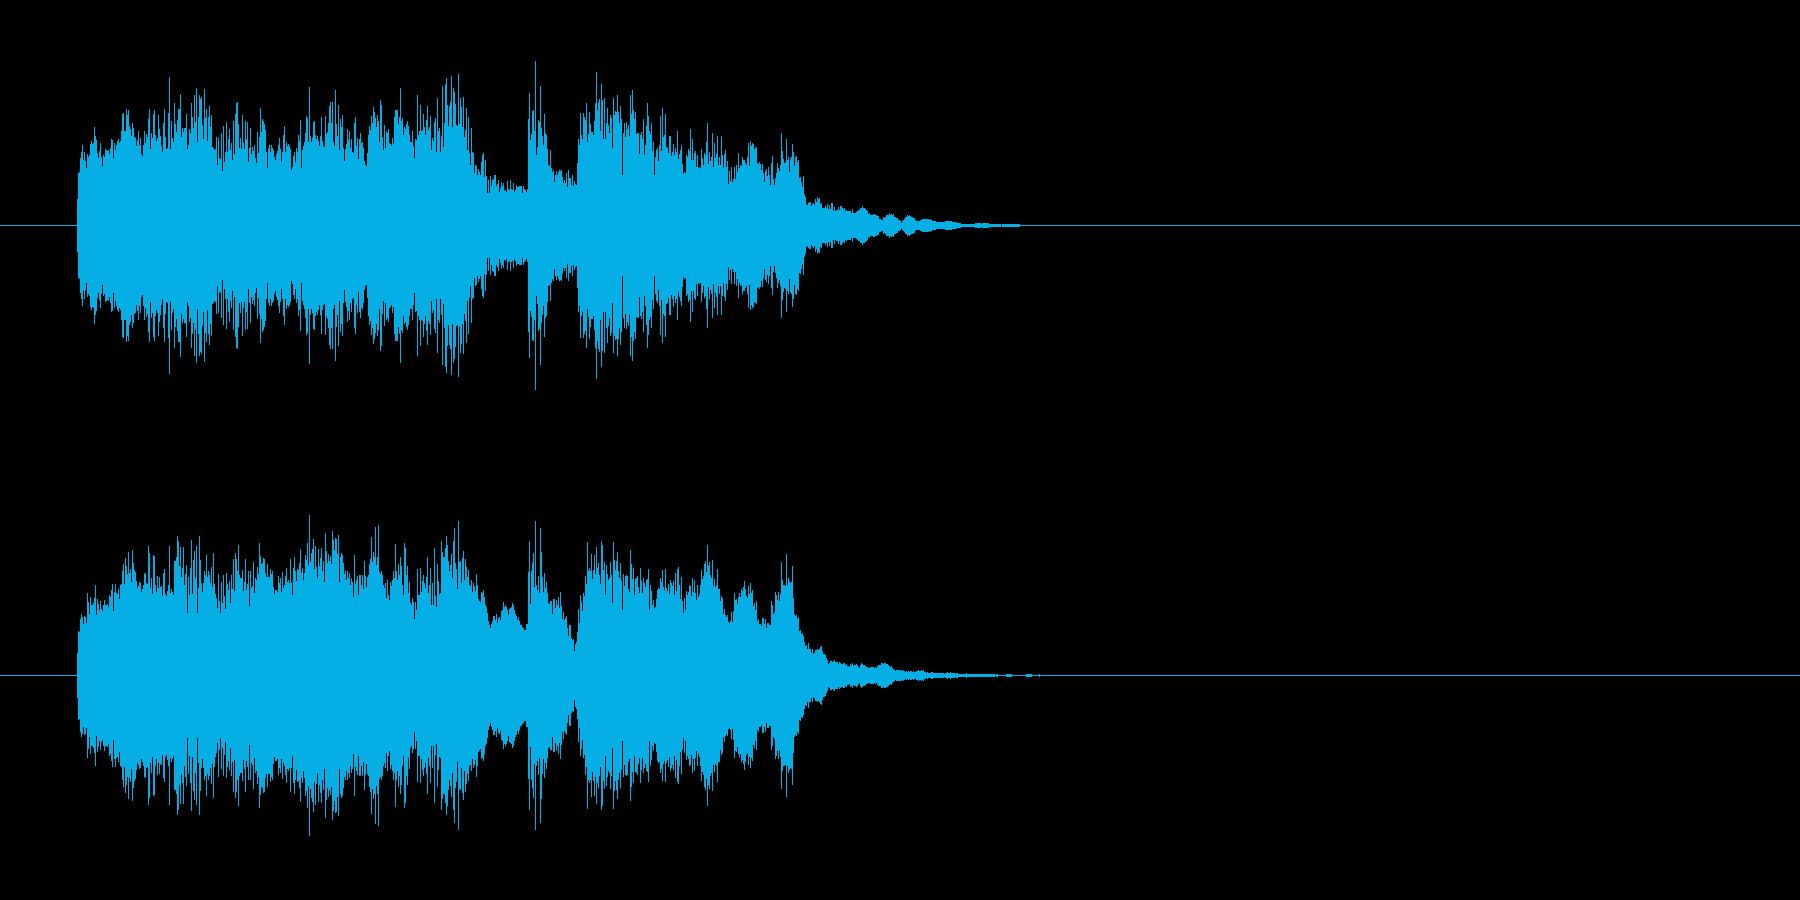 キュー・アタック風アコースティックの曲の再生済みの波形